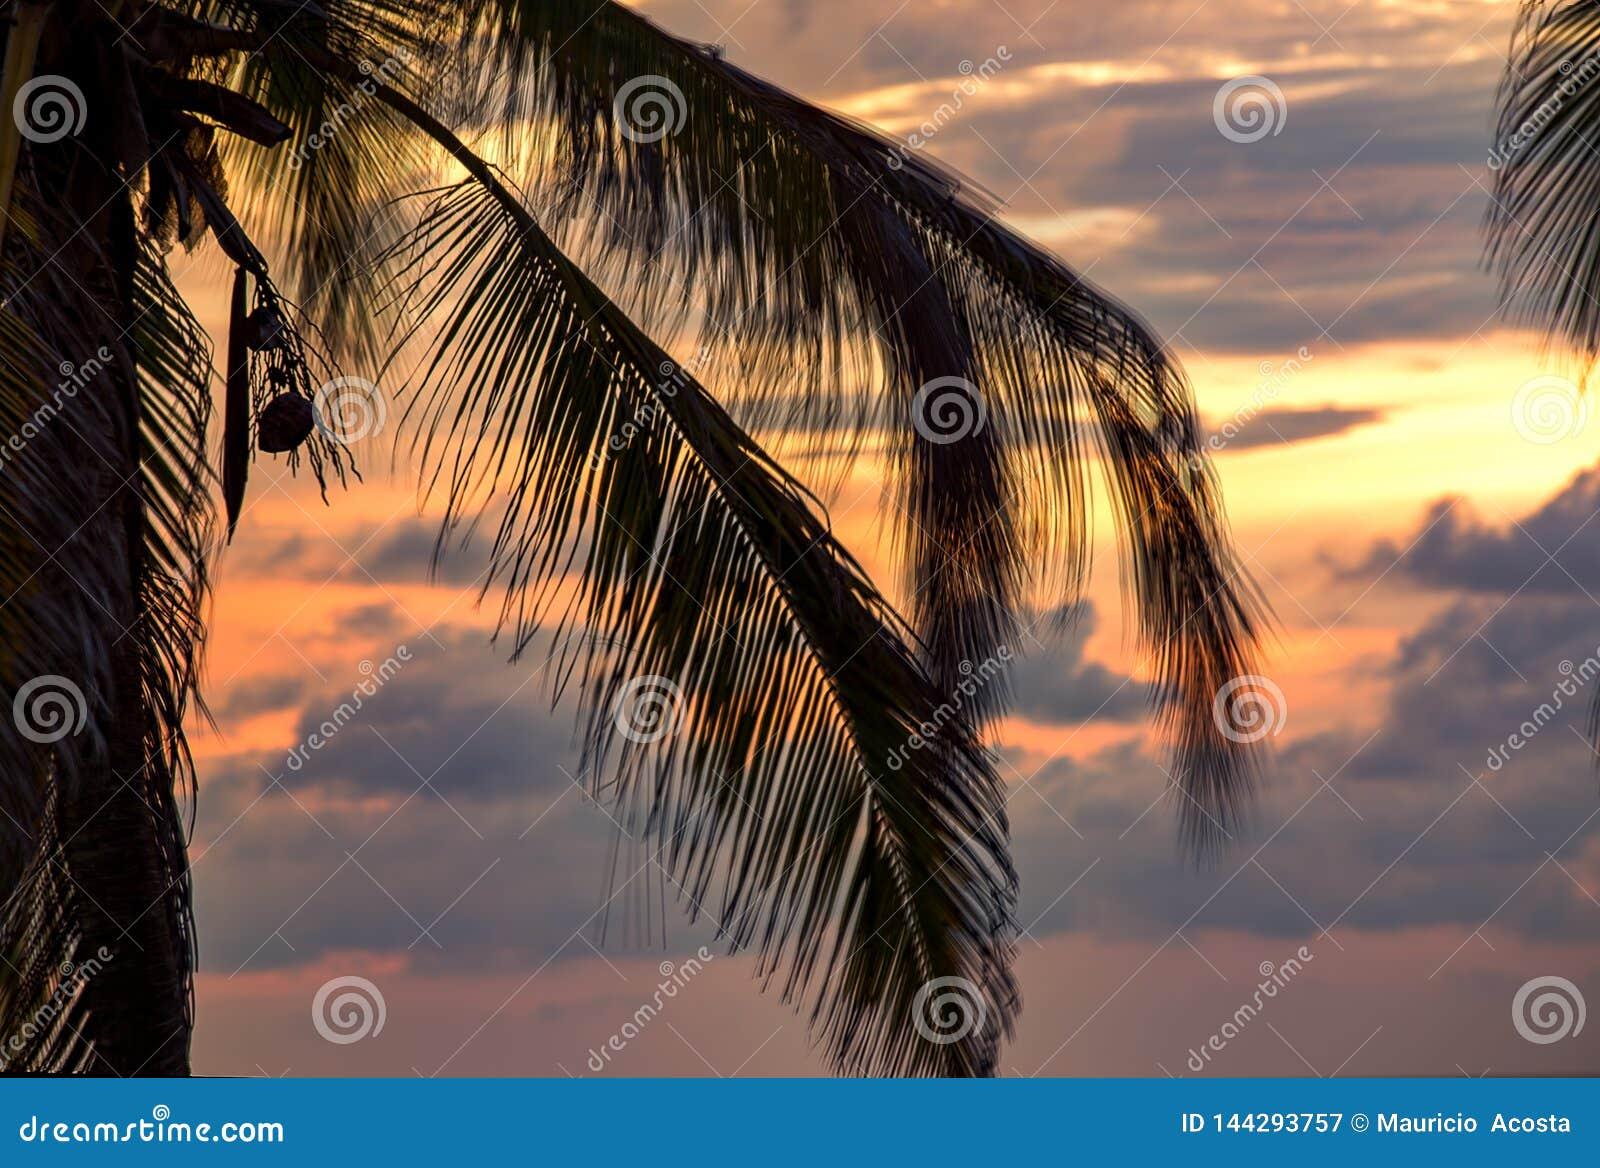 风吹的棕榈树叶子